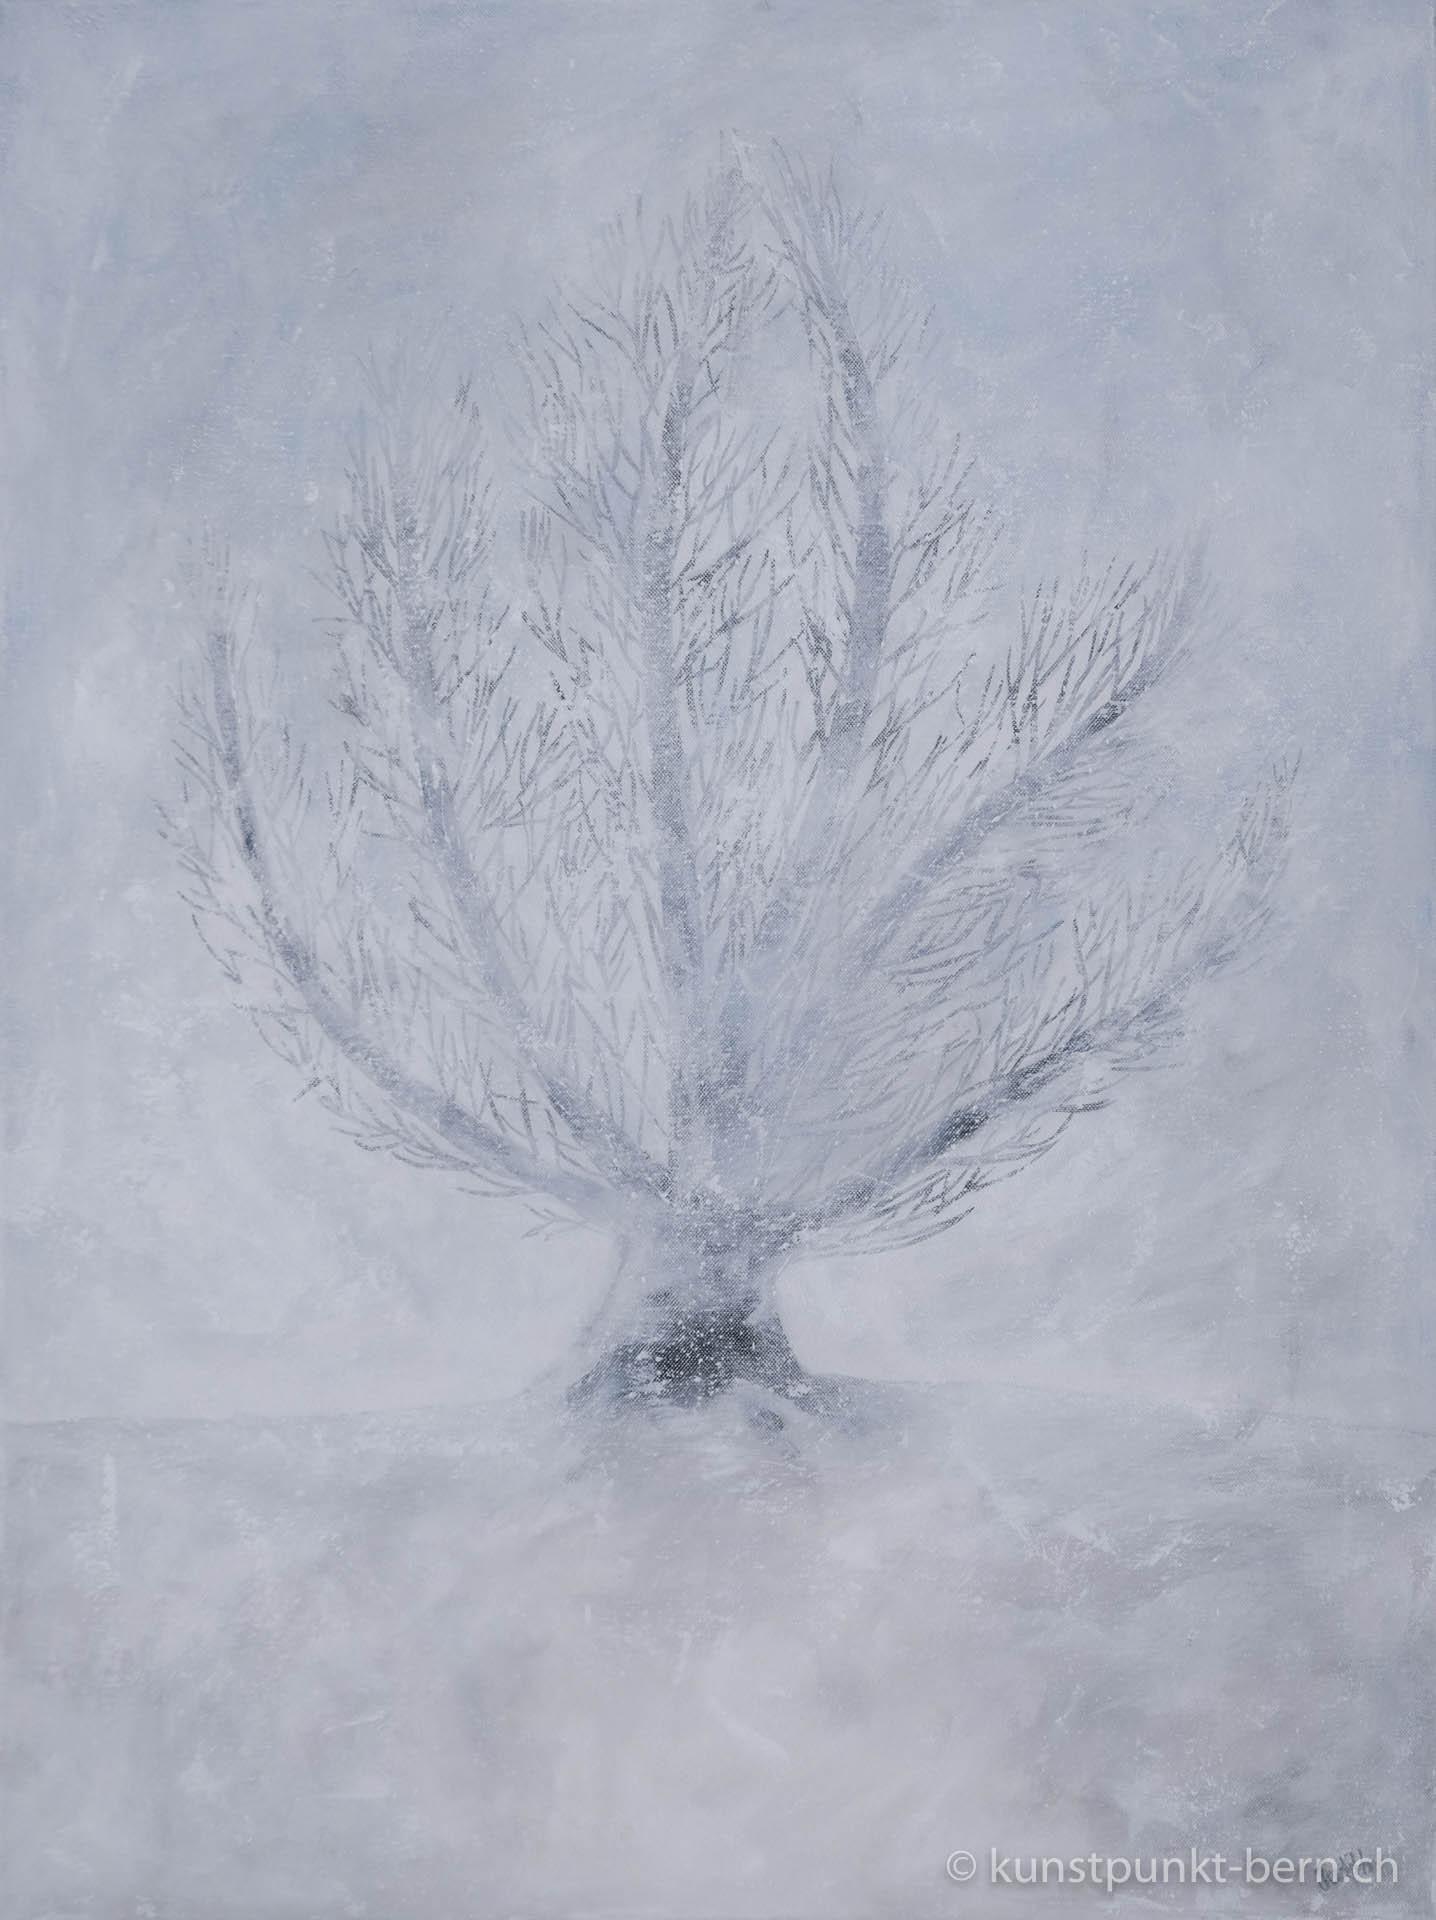 Winterbaum - Acryl auf Leinwand - von Judith Kaffka - kunstpunkt-bern.ch